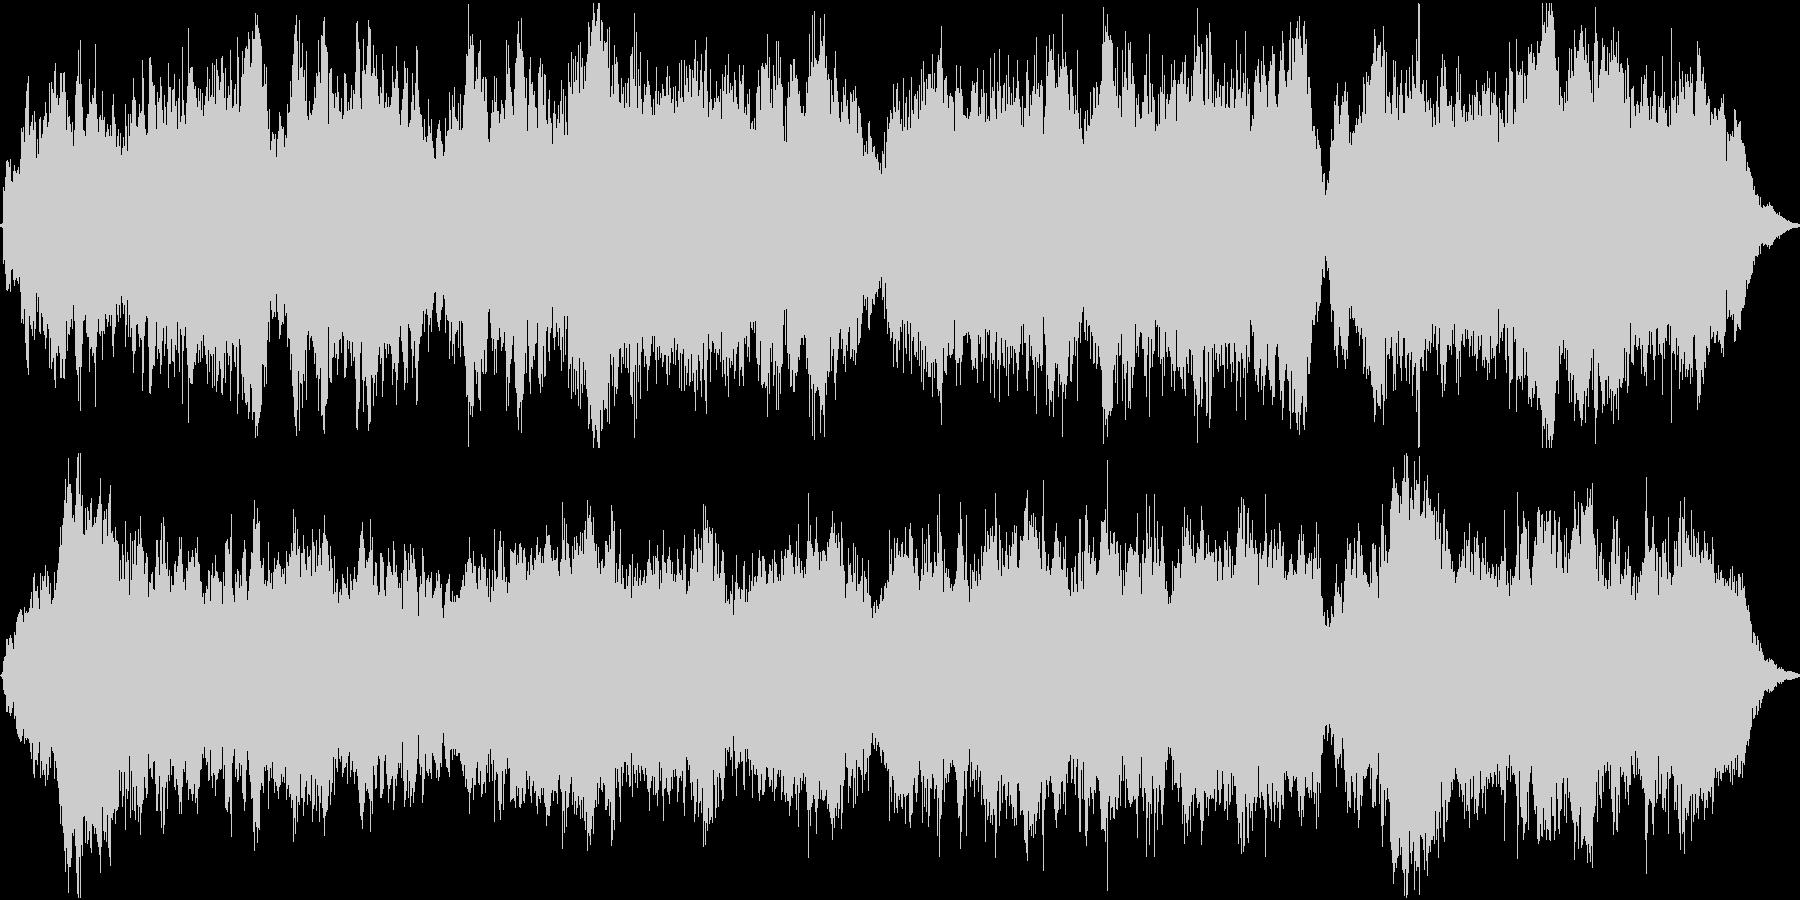 優しく懐かしい唱歌「故郷」弦楽合奏30sの未再生の波形